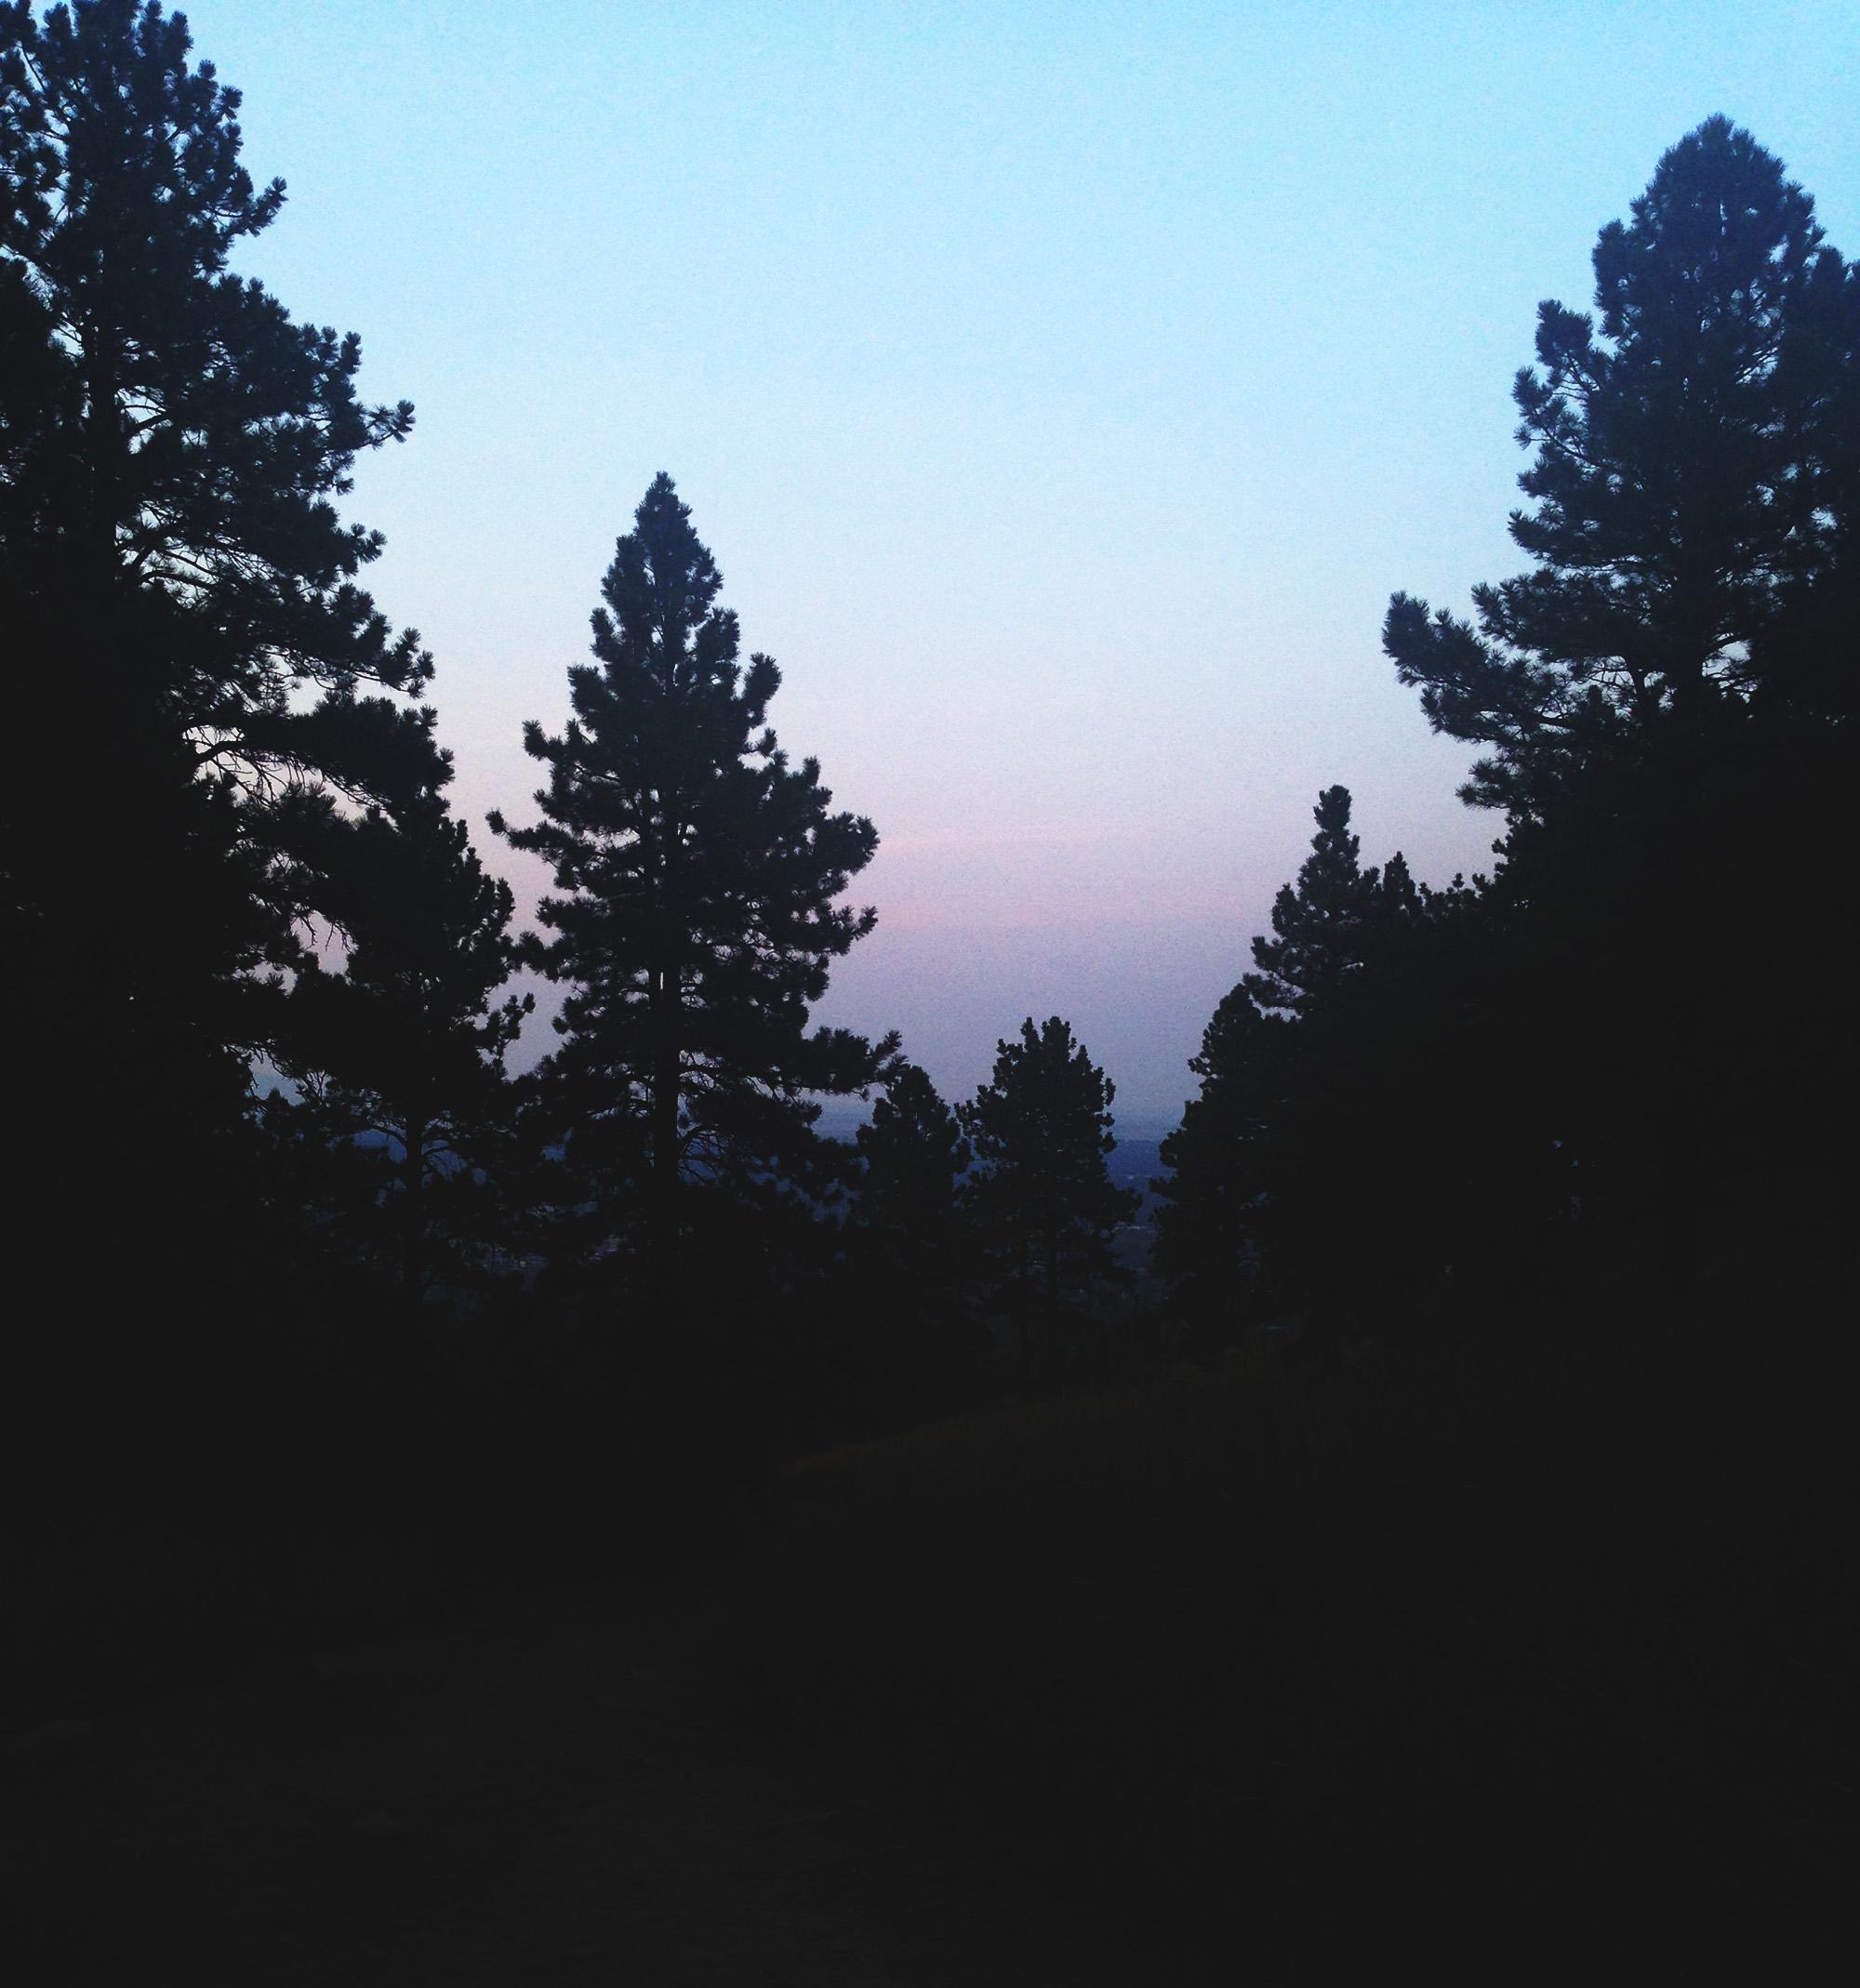 Sunset through the trees, Chautauqua, Boulder Colorado